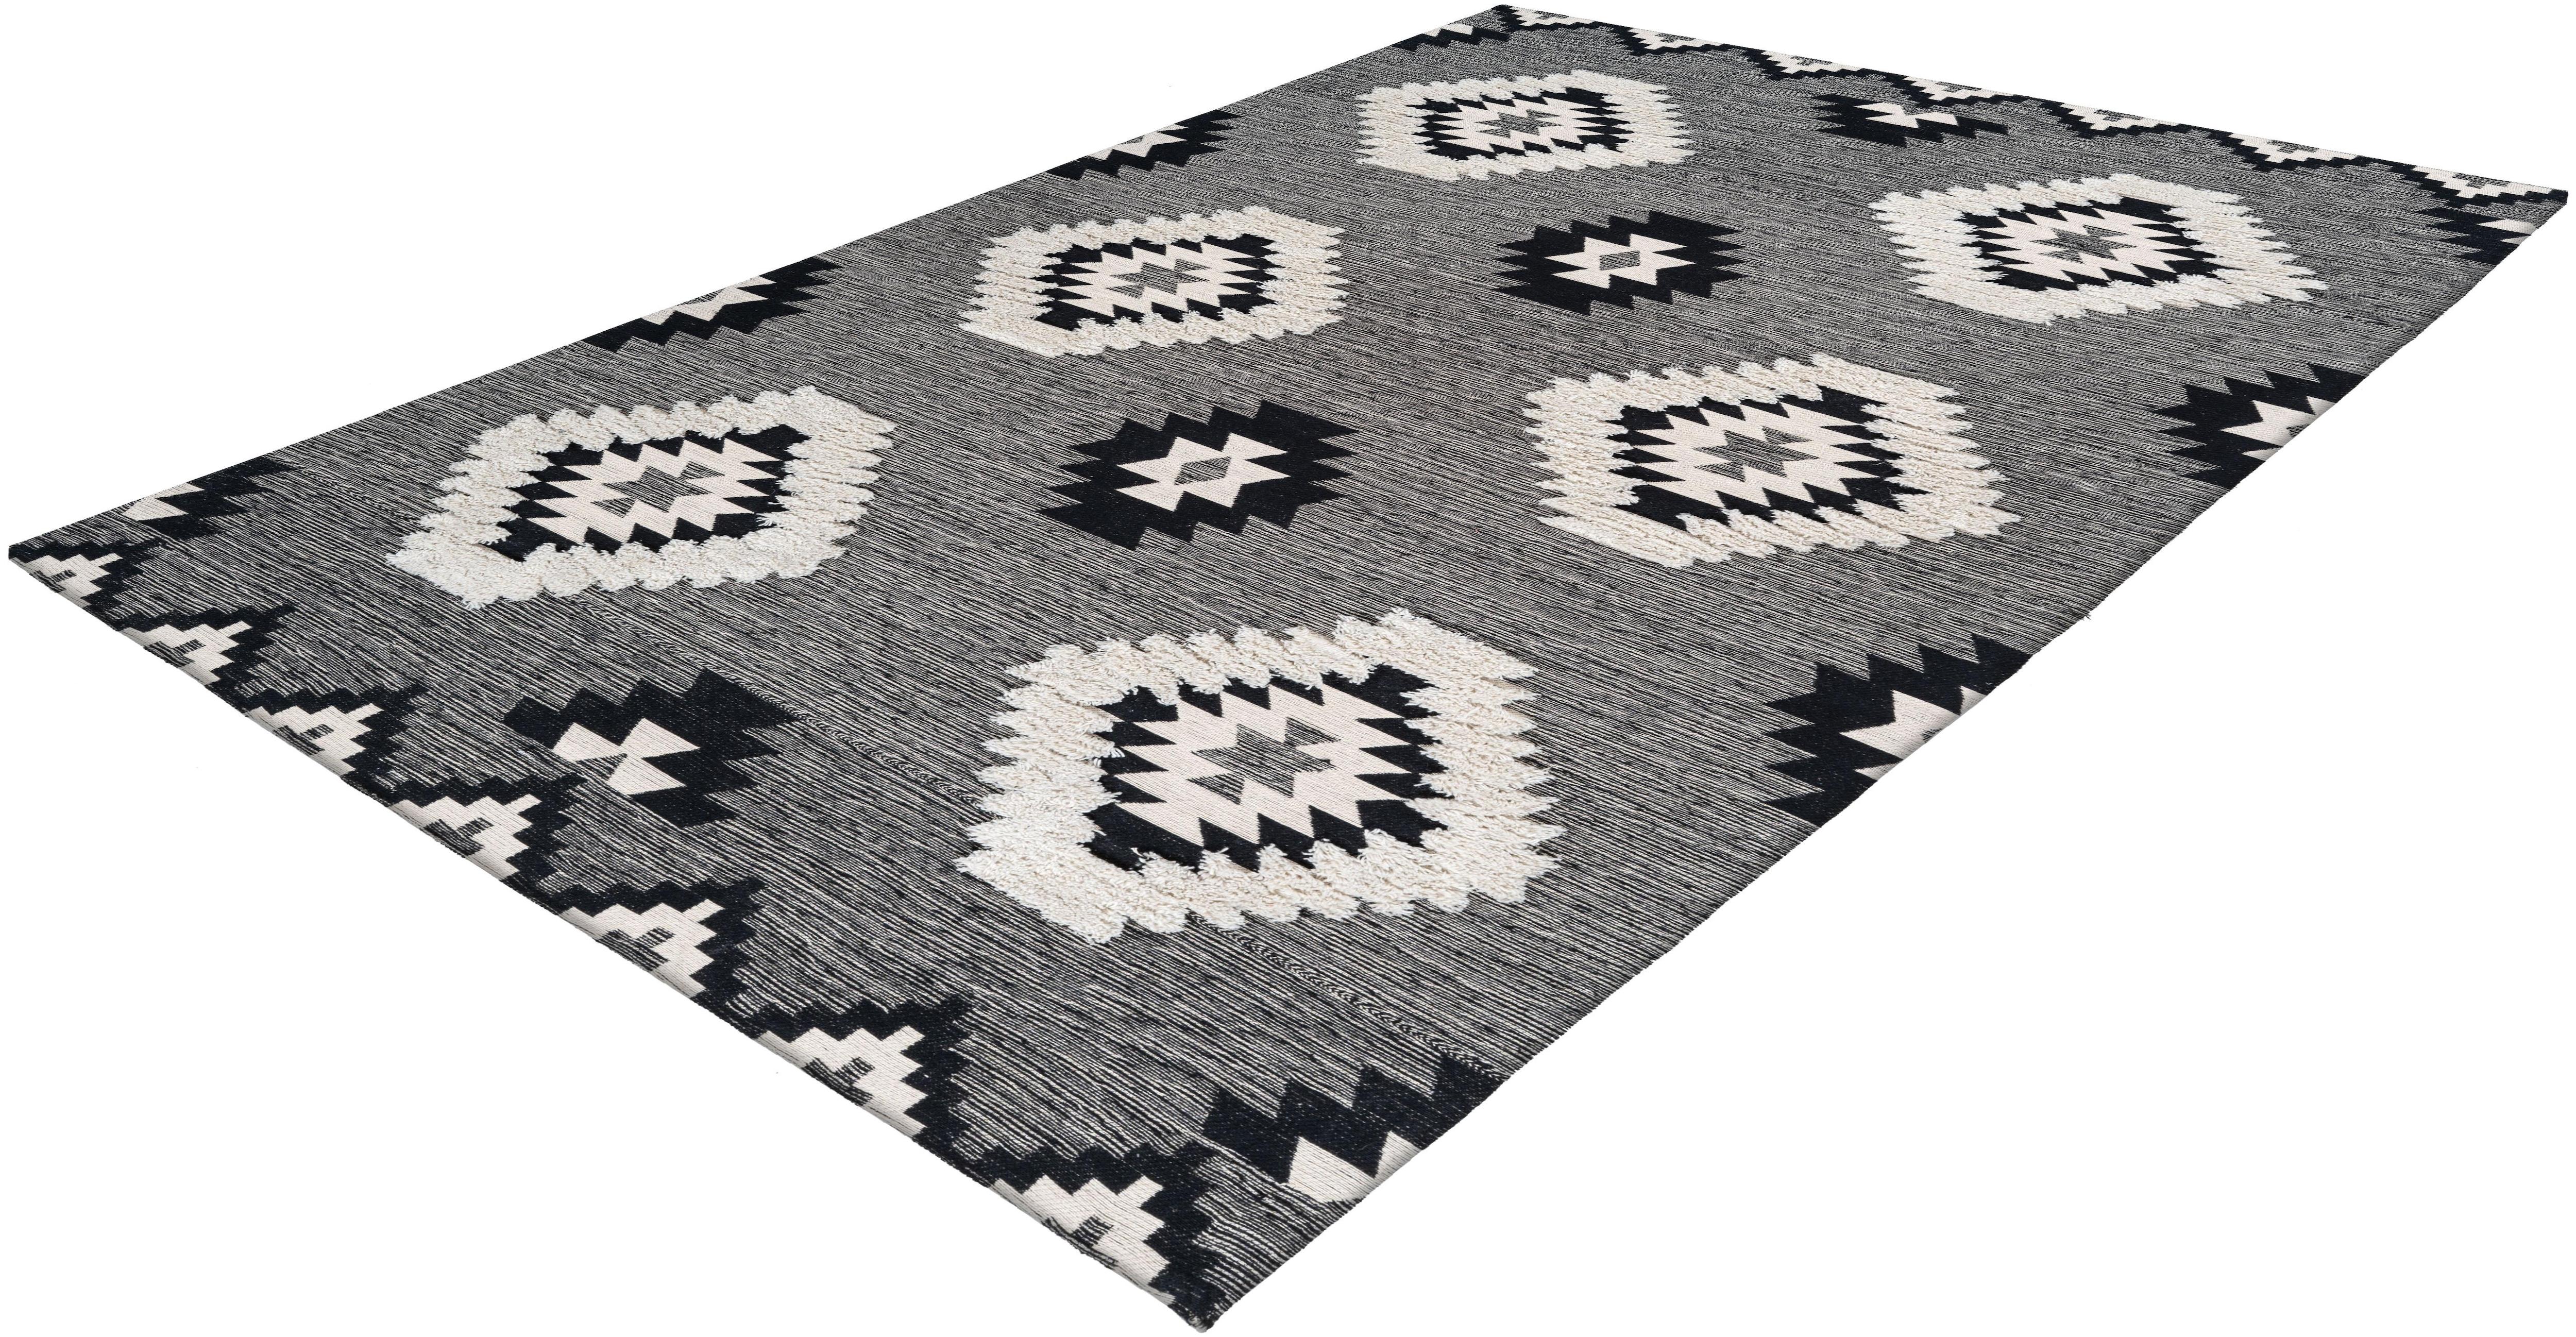 Teppich Ethnie 400 Arte Espina rechteckig Höhe 10 mm maschinell gewebt